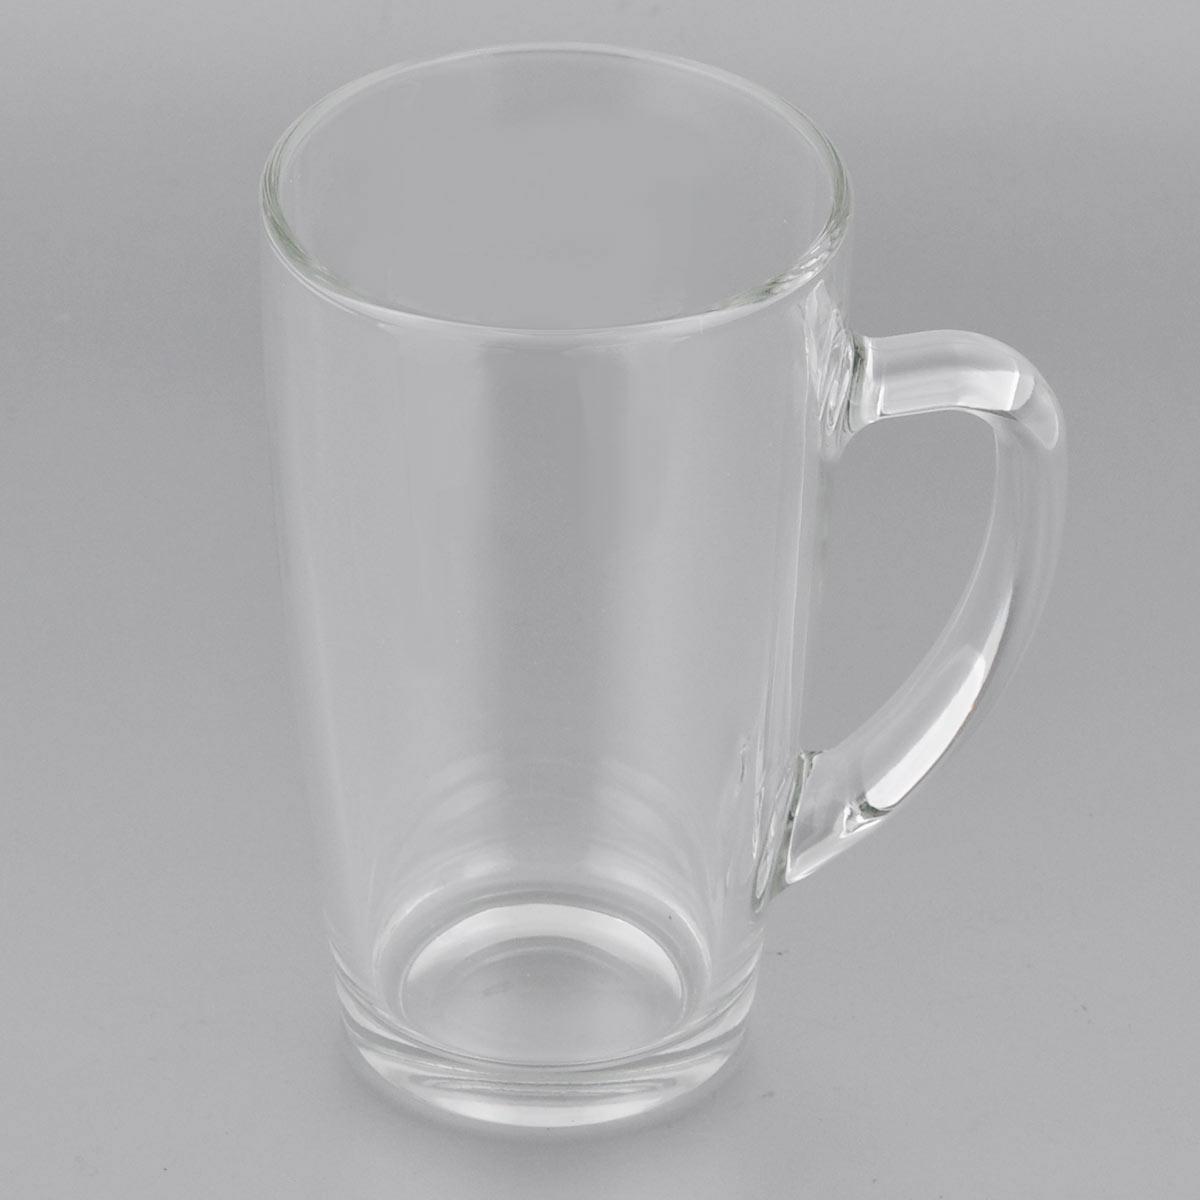 Кружка Luminarc С добрым утром, цвет: прозрачный, 400 млH8501Кружка Luminarc С добрым утром изготовлена из упрочнённого стекла. Такая кружка прекрасно подойдет для горячих (выдерживает температуру от 0°С до 110°С) и холодных напитков. Она дополнит коллекцию вашей кухонной посуды и будет служить долгие годы. Можно использовать в посудомоечной машине и СВЧ. Объем кружки: 400 мл. Диаметр кружки (по верхнему краю): 8 см. Высота стенки кружки: 13 см.